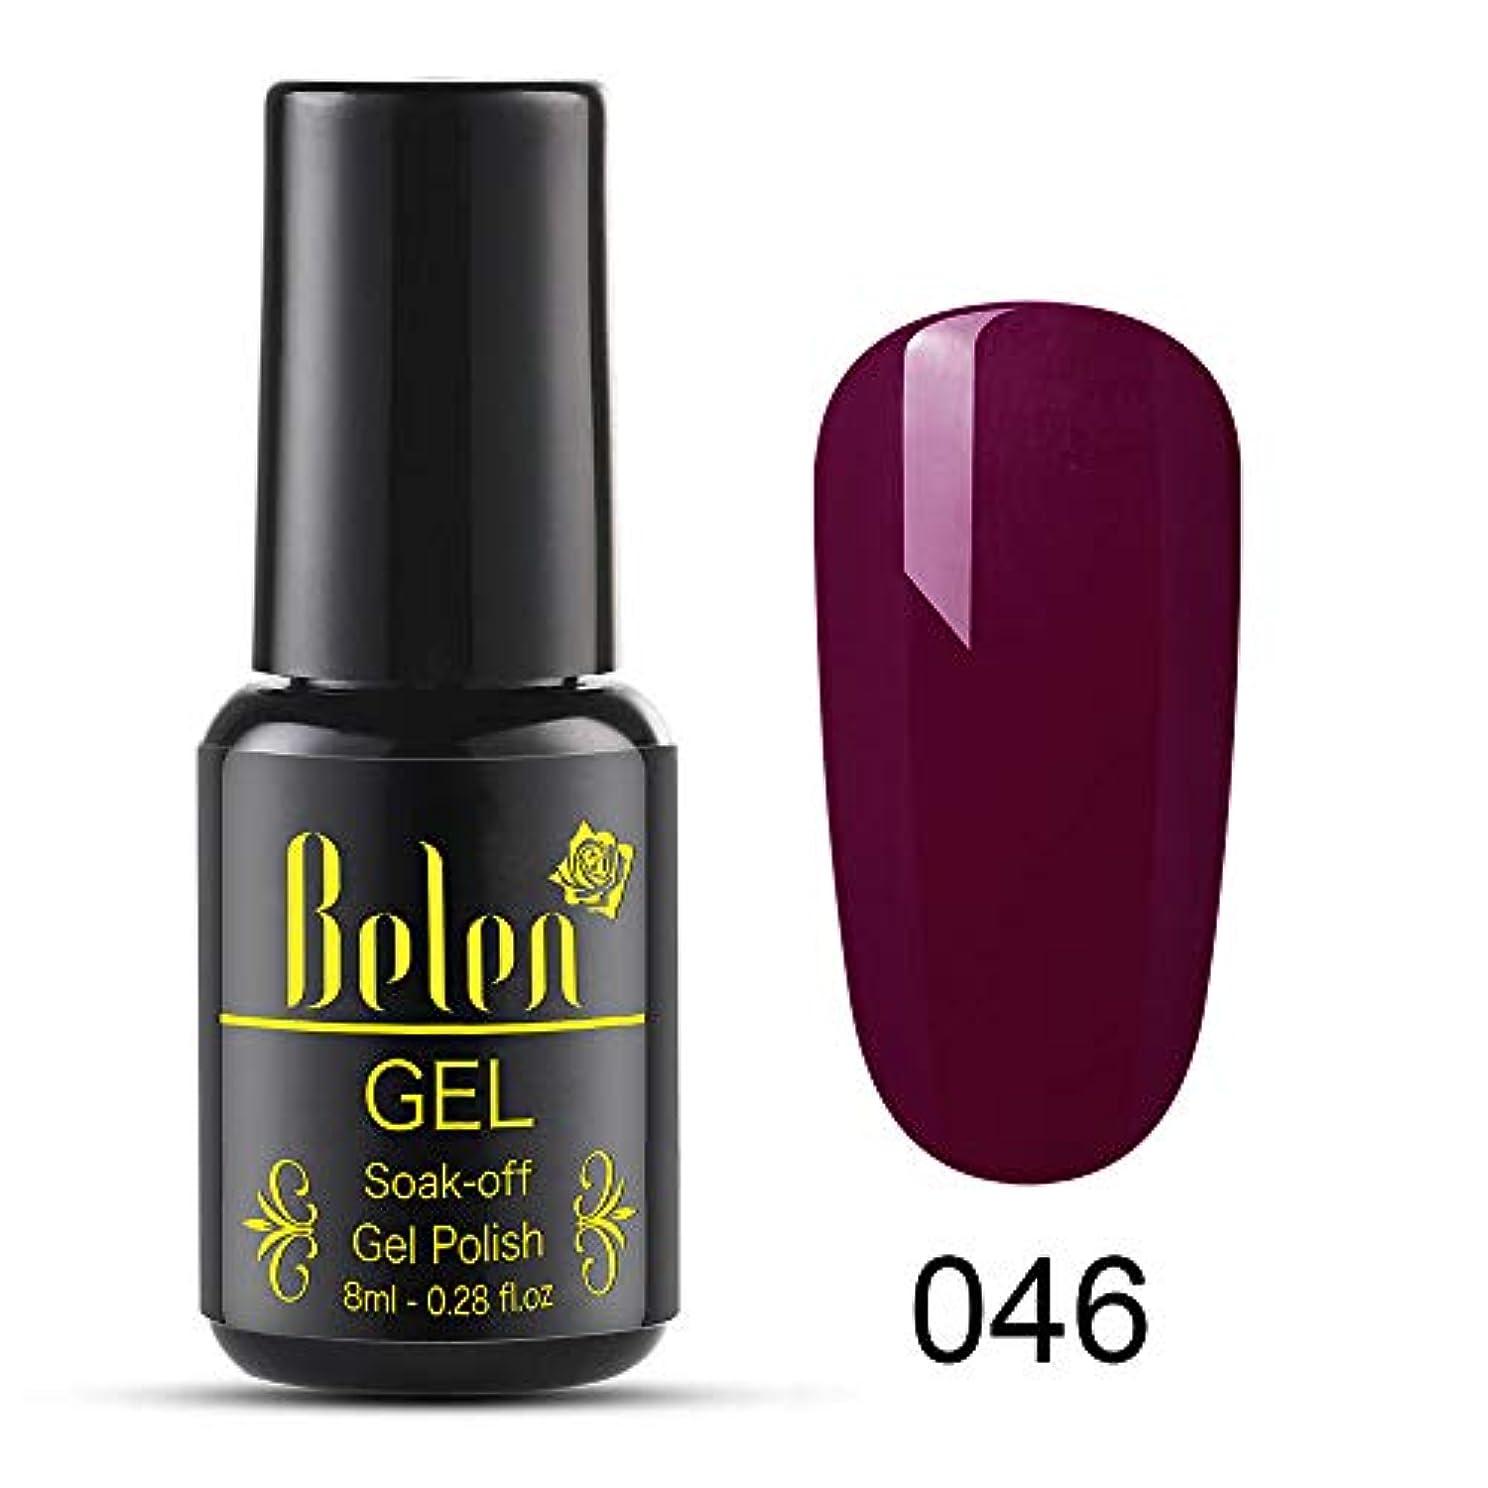 膜人口みぞれBelen ジェルネイル カラージェル 超長い蓋 塗りが便利 1色入り 8ml【全42色選択可】